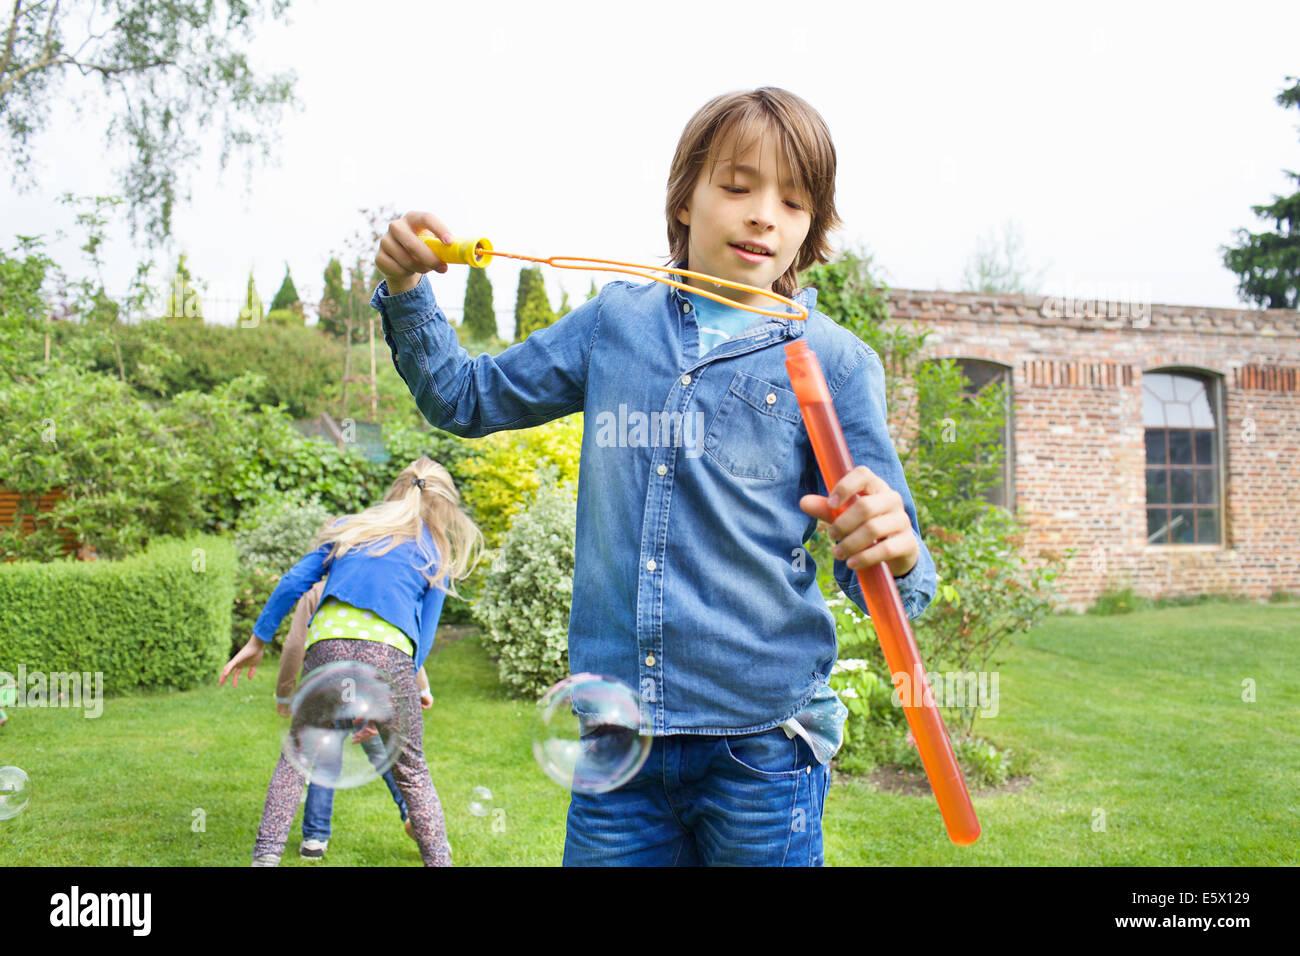 Frères et sœurs jouant avec des bulles de savon dans le jardin Photo Stock